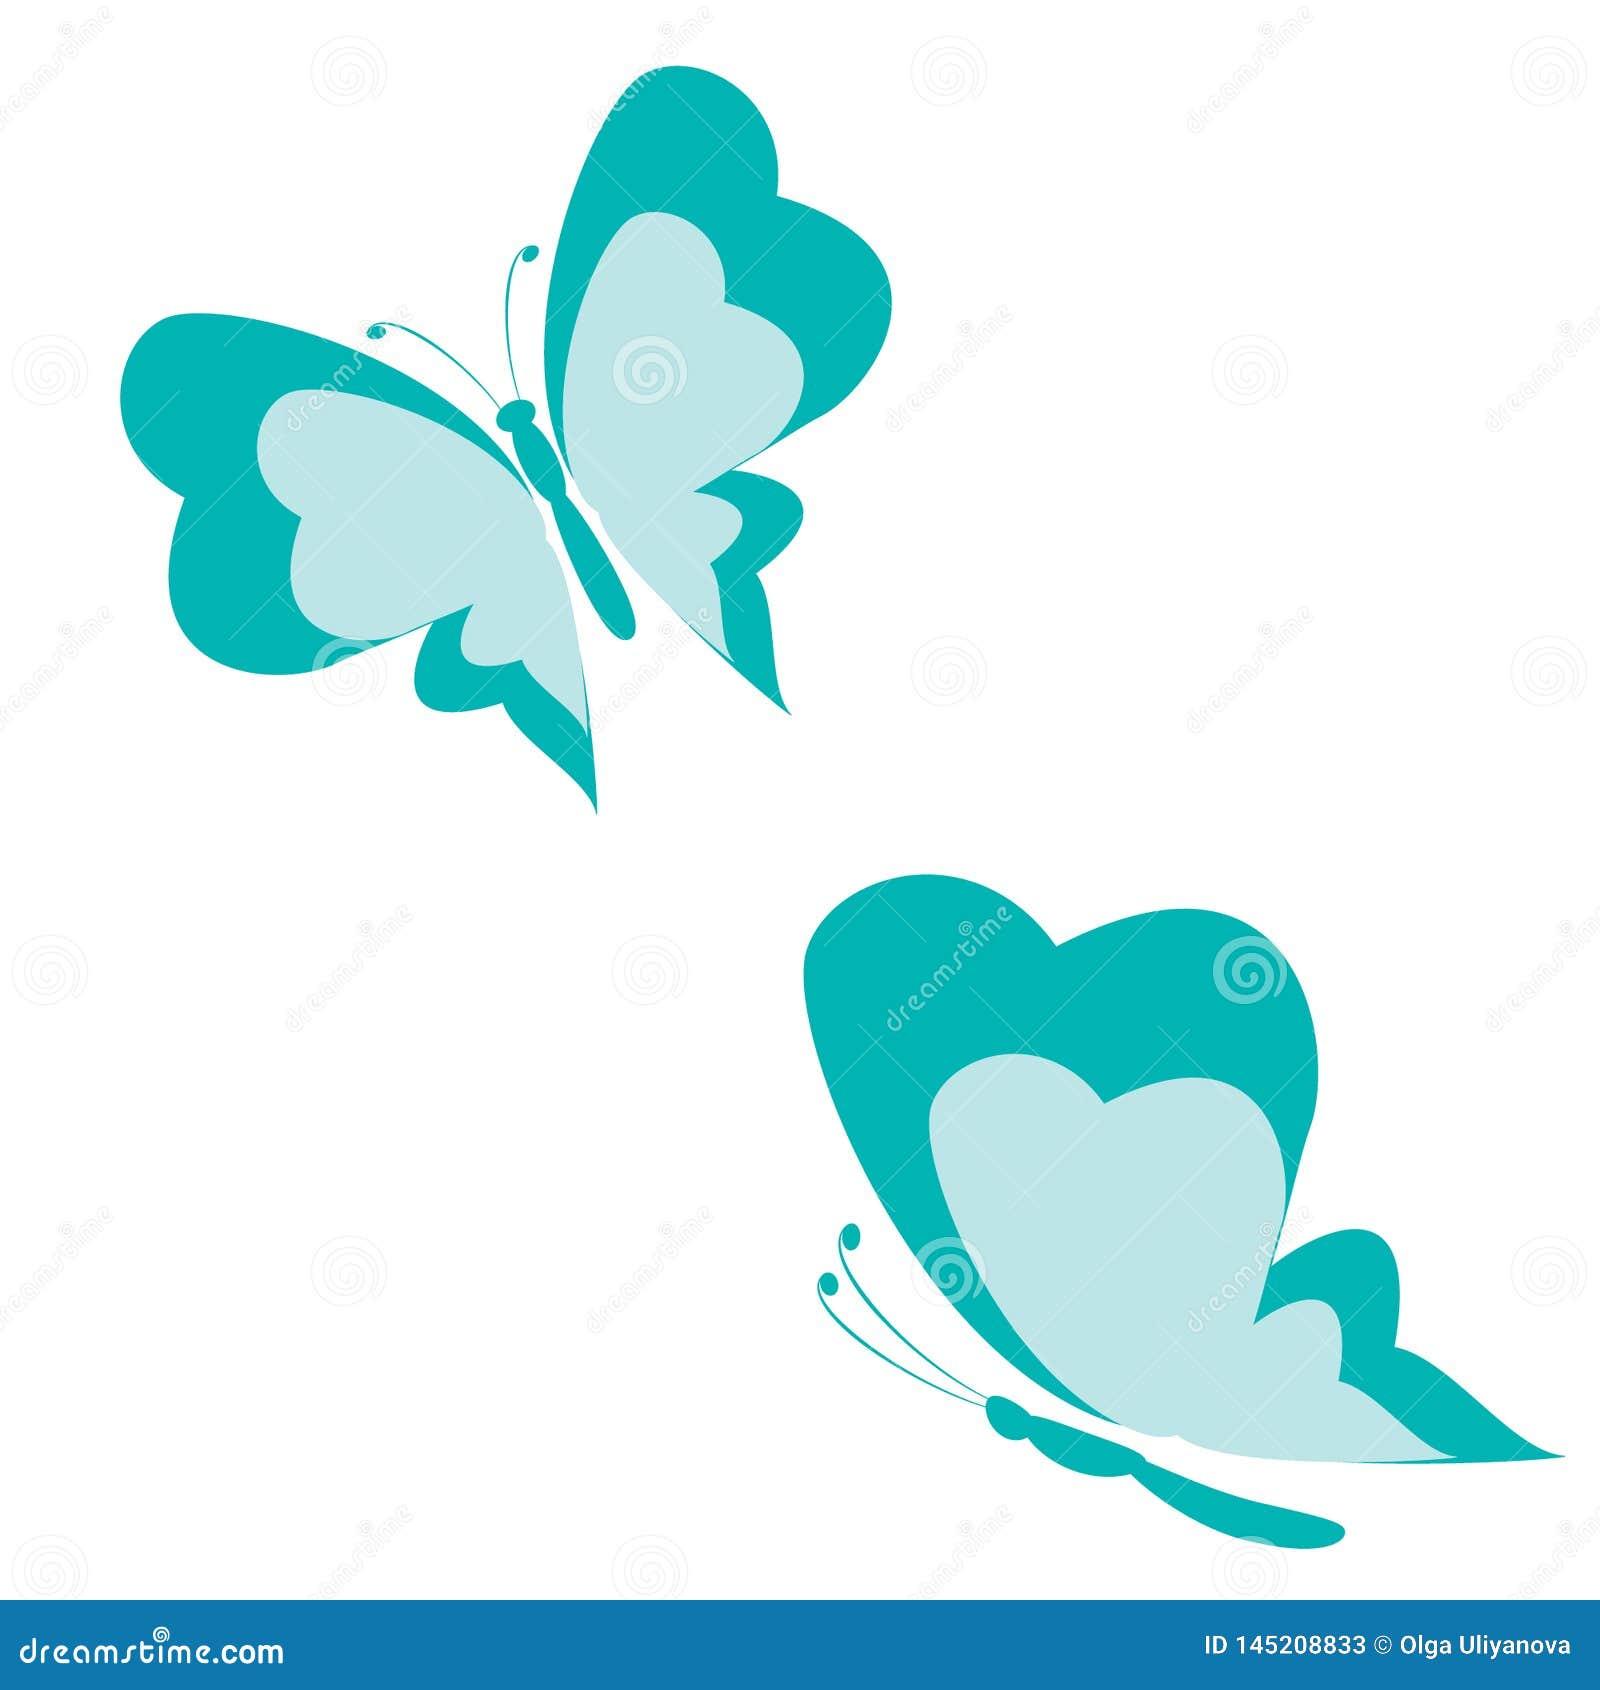 Blue butterfly shape